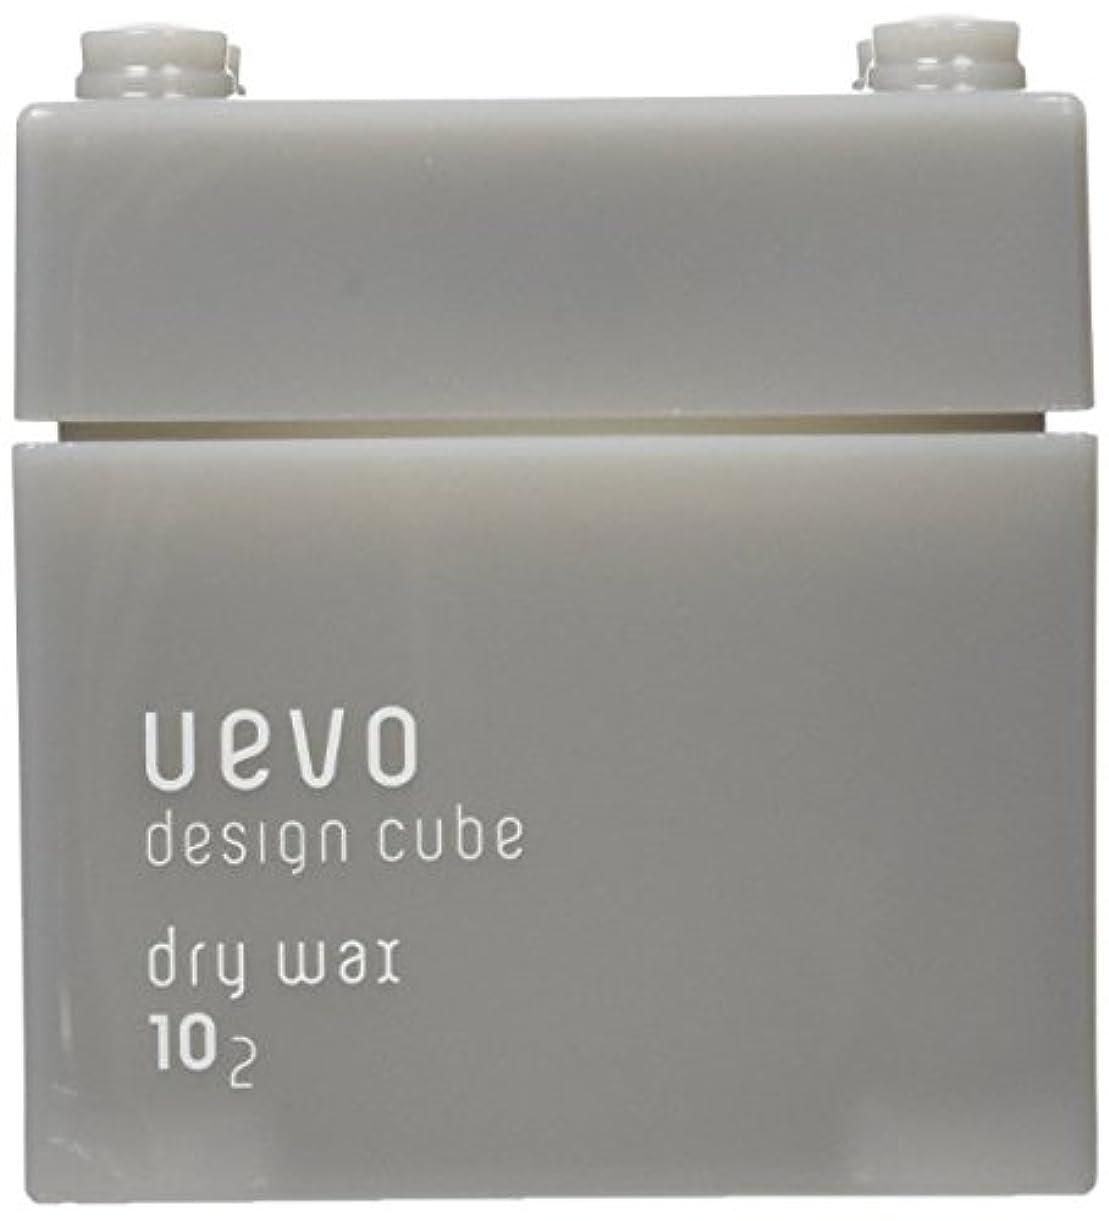 夜明け節約粘液ウェーボ デザインキューブ ドライワックス 80g